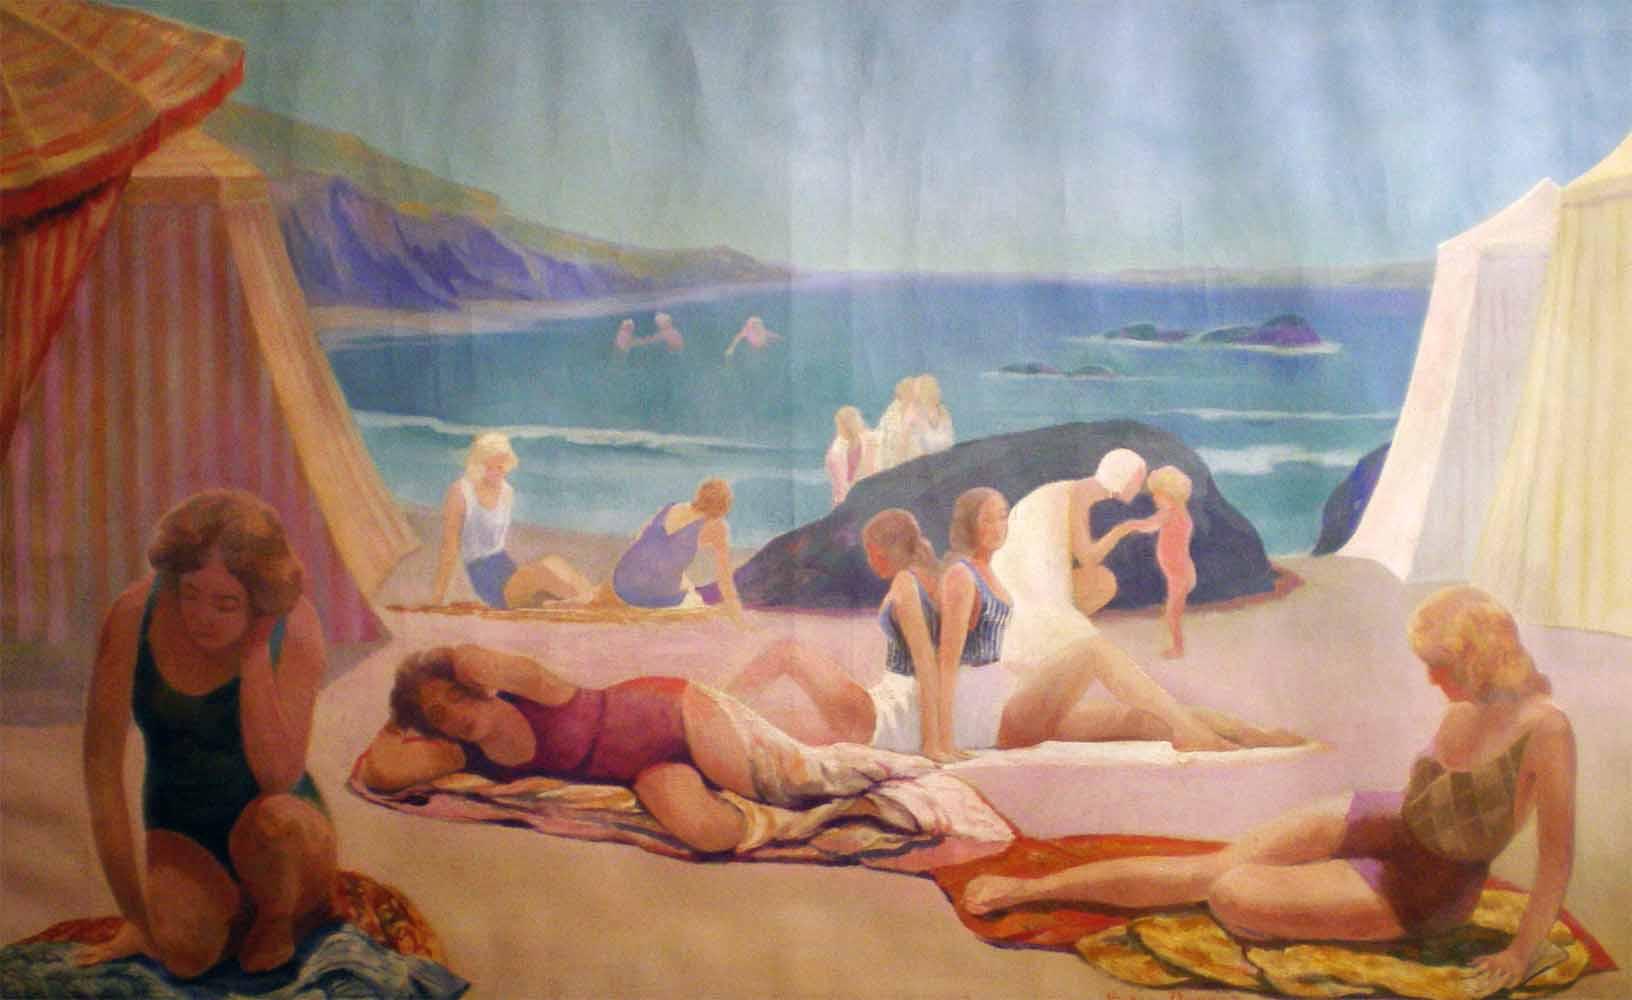 « Les Baigneuses », huile sur toile (146cm x 89cm), 1938, collection JLM, France.